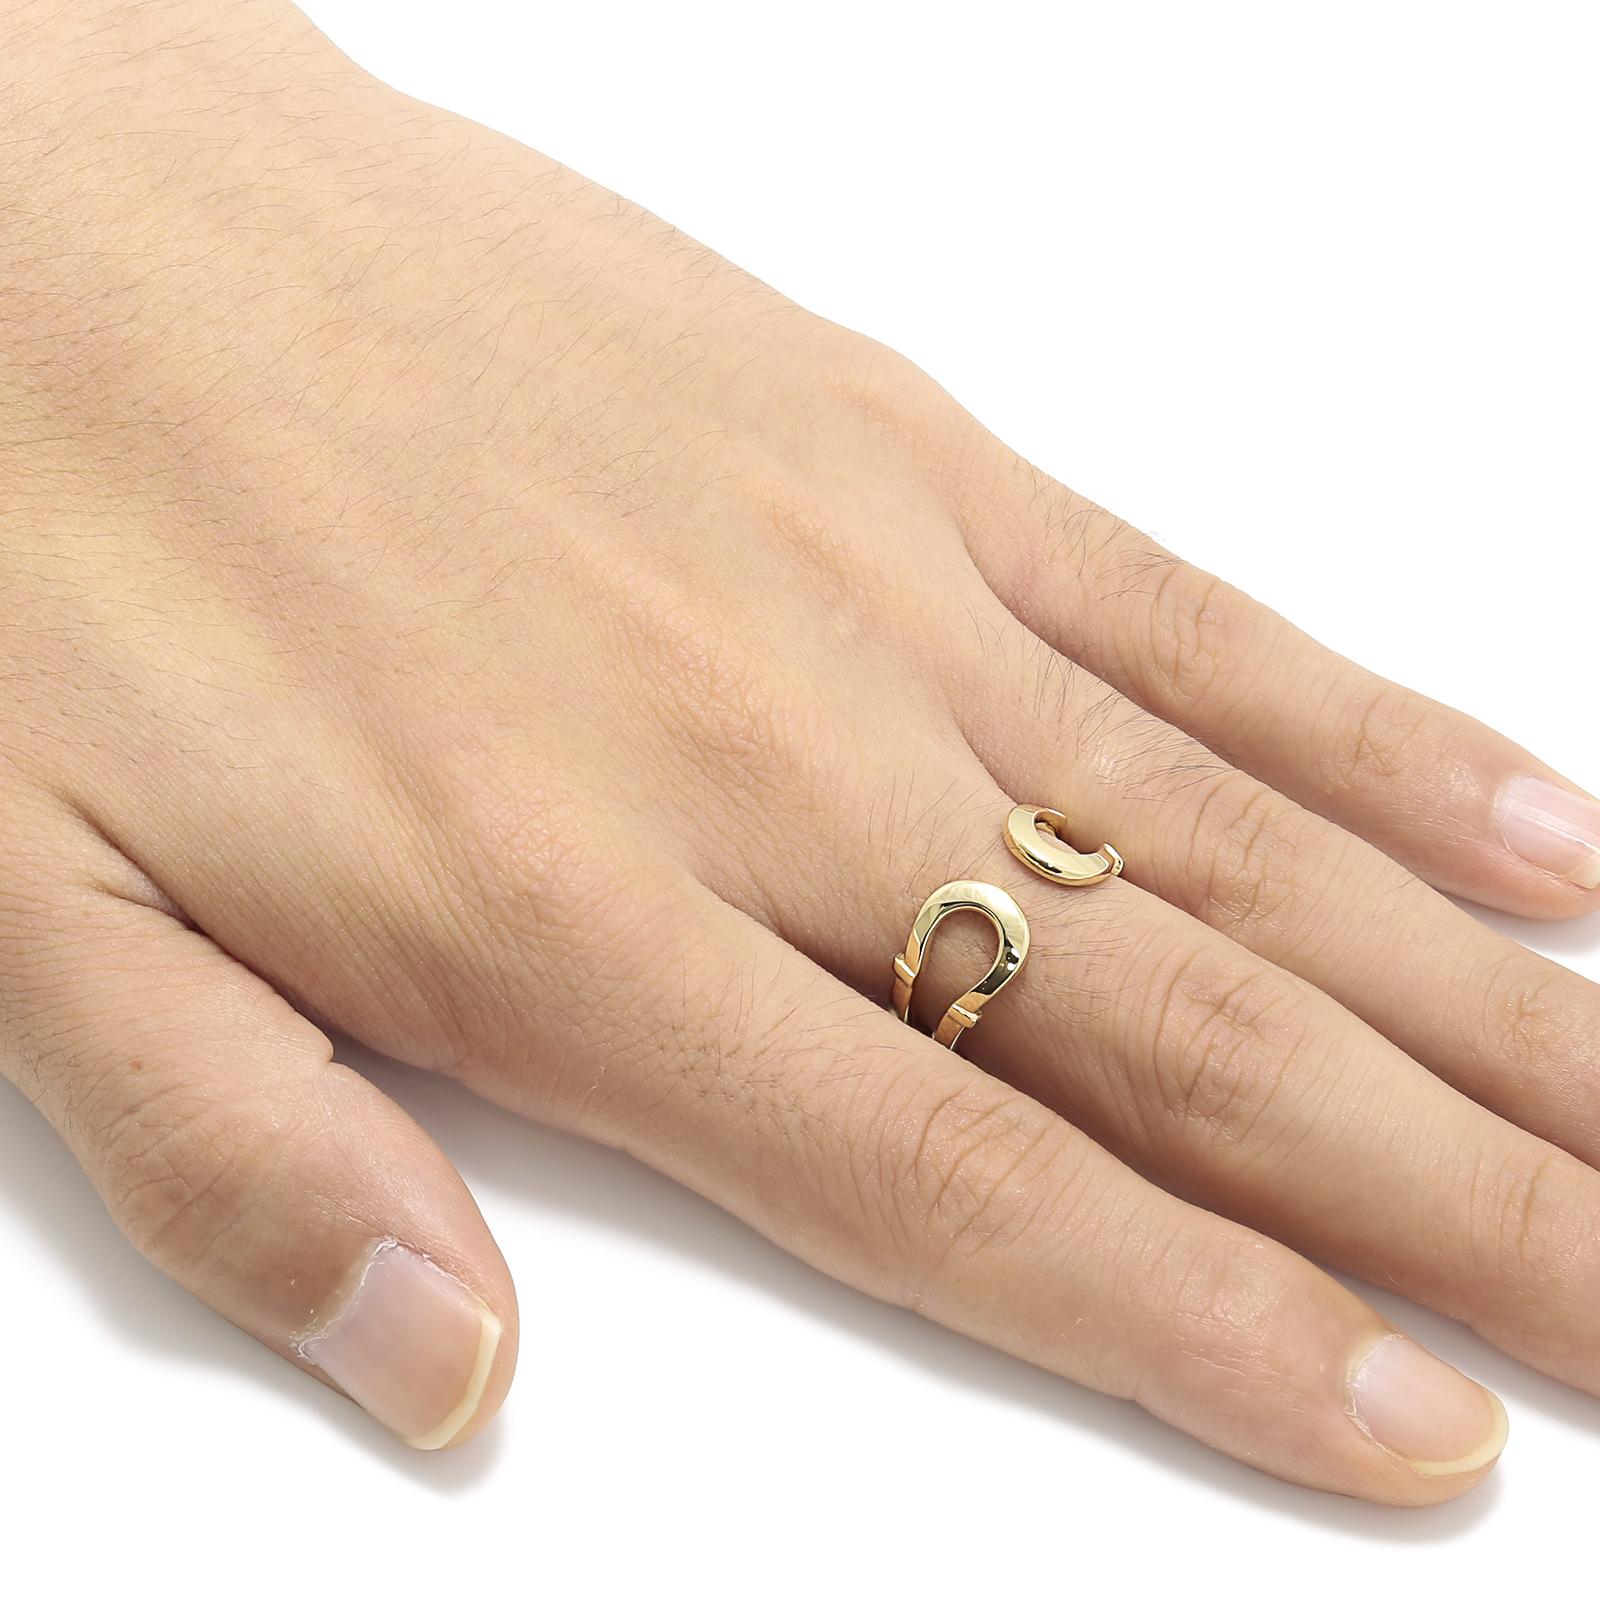 Double Horseshoe Ring - K18Yellow Gold